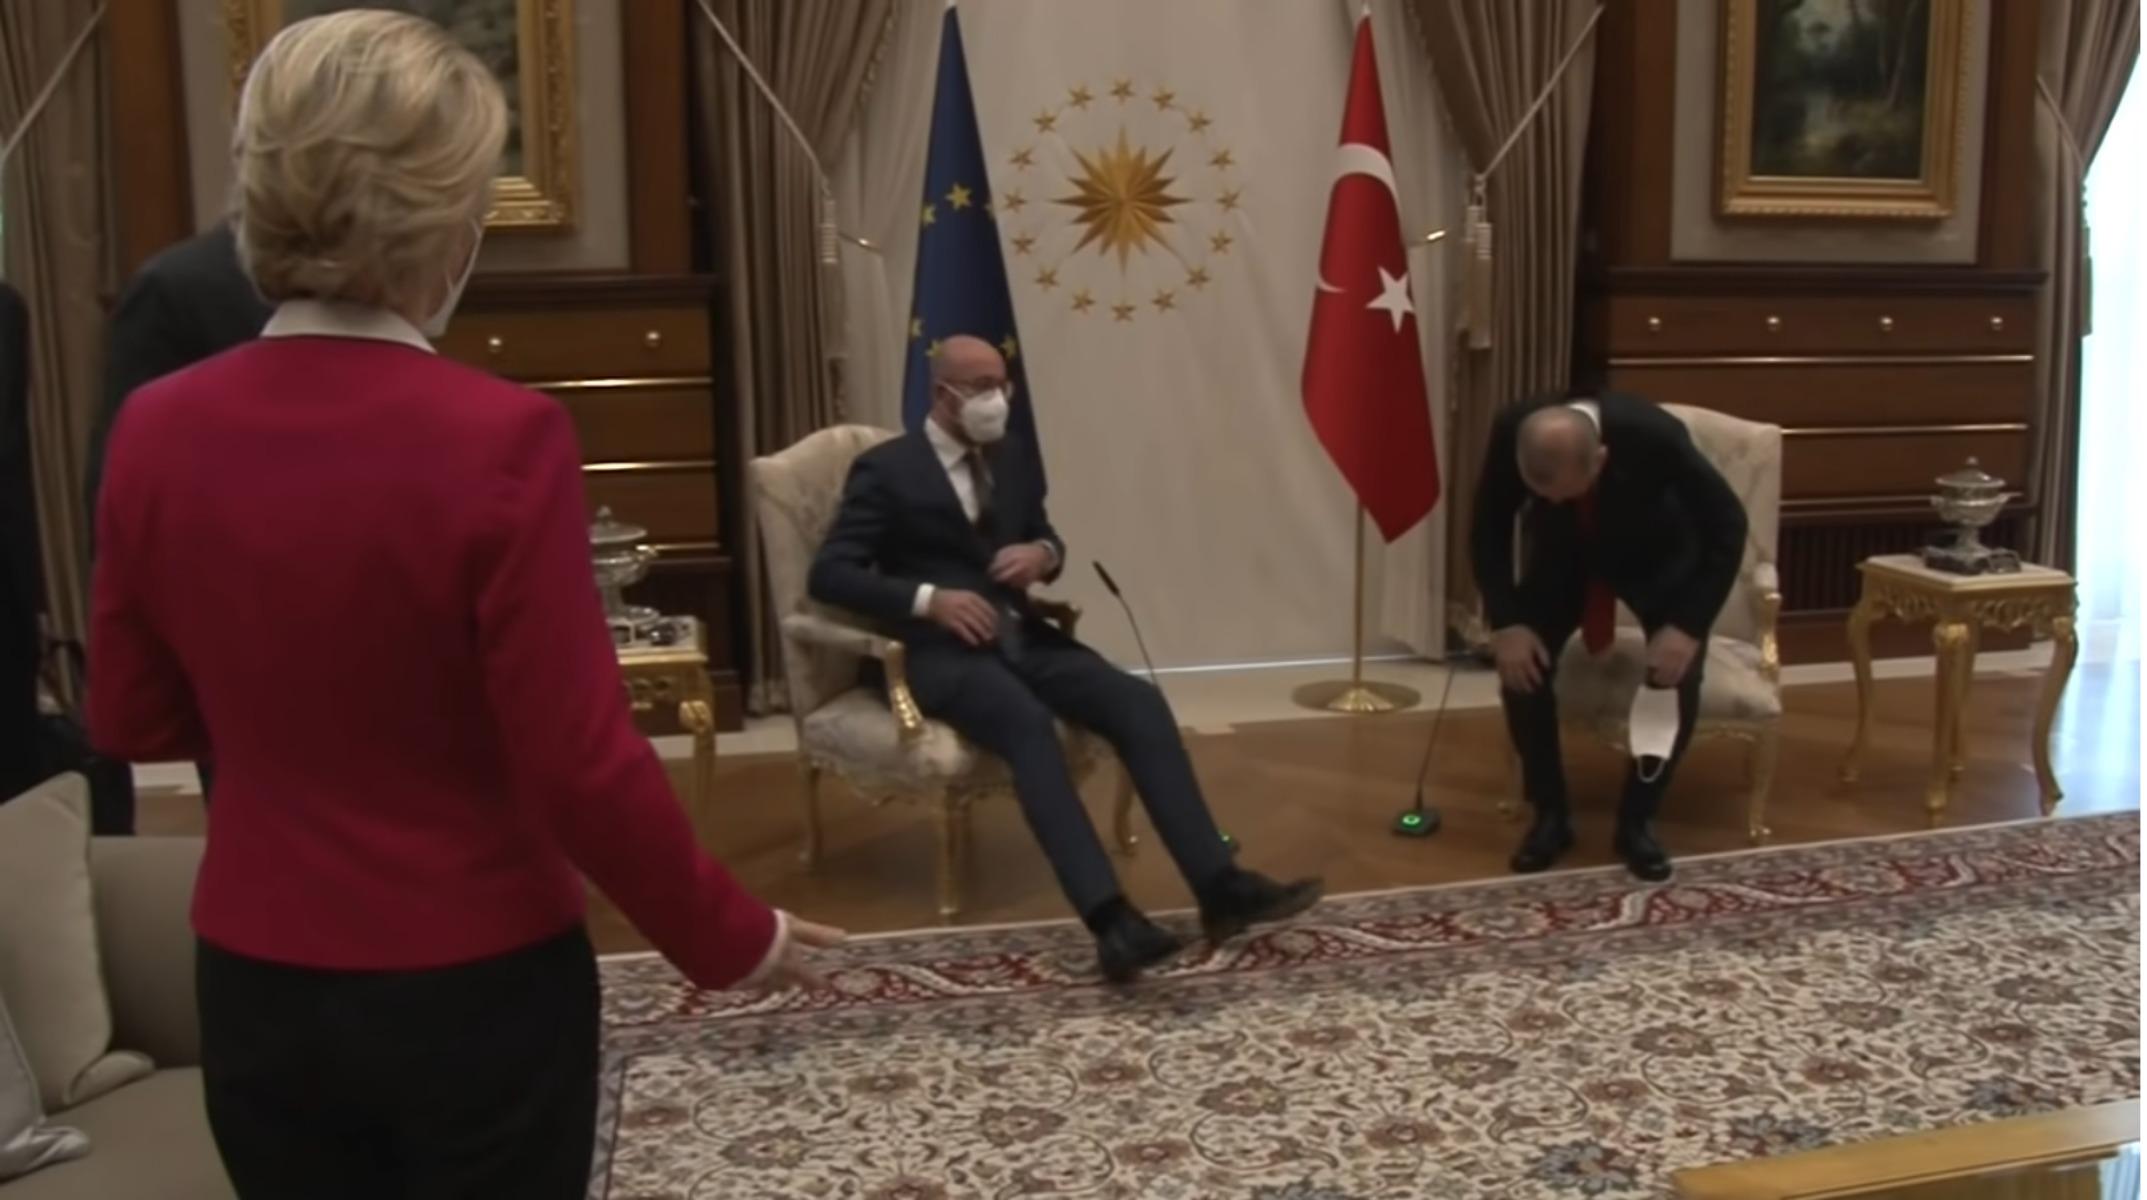 Οργή Στις Βρυξέλλες Για Το Καψόνι Ερντογάν Στη Φον Ντερ Λάιεν